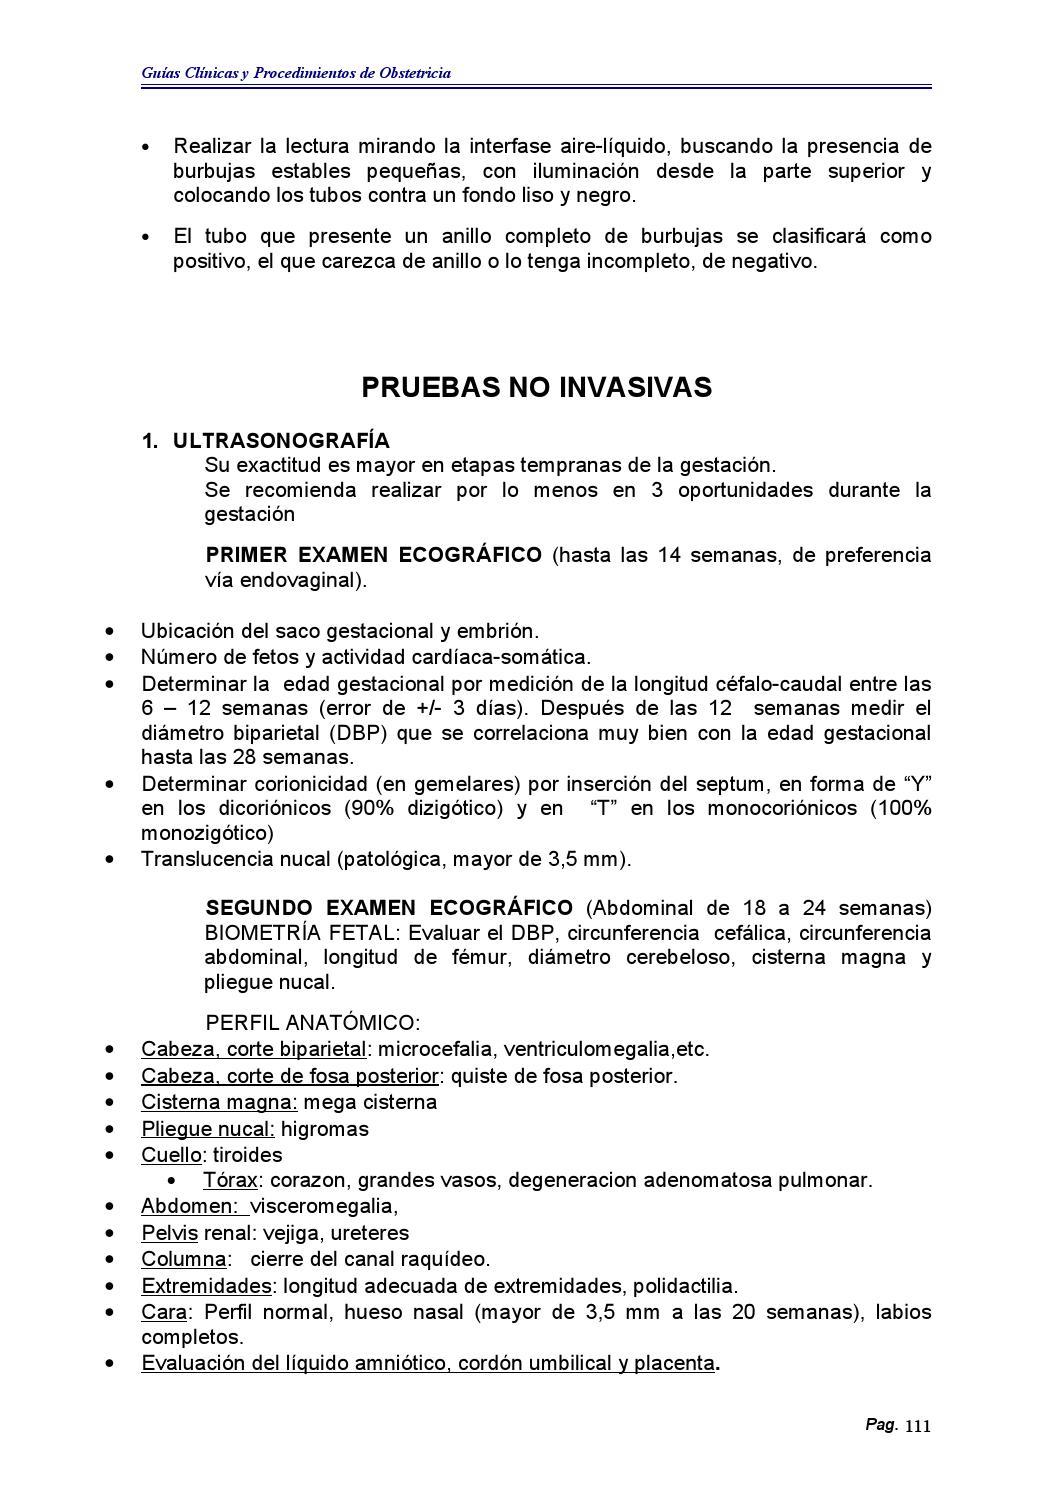 Guias de procedimientos de obstetricia by Miranda - issuu